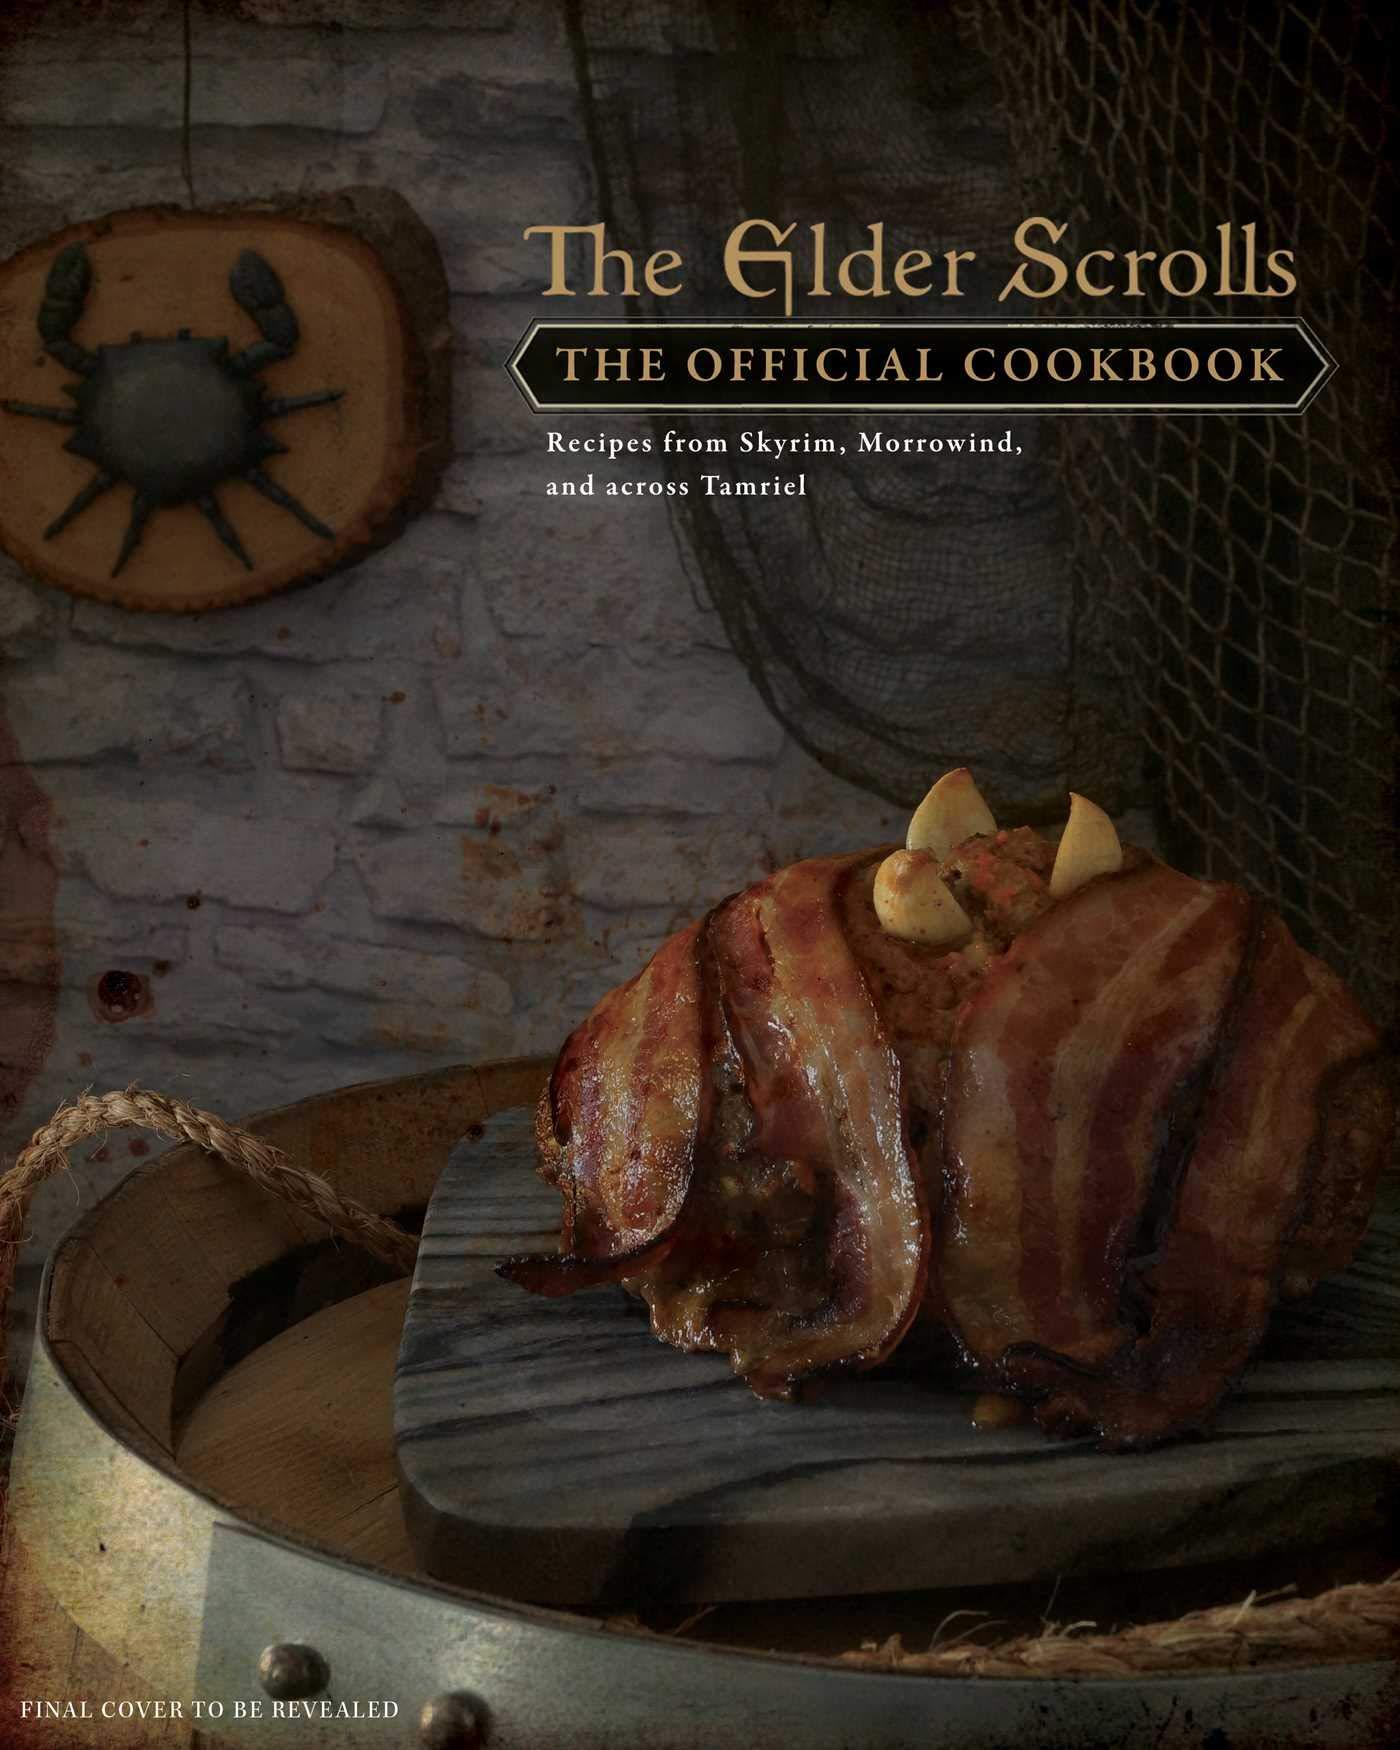 Обложка кулинарной книги